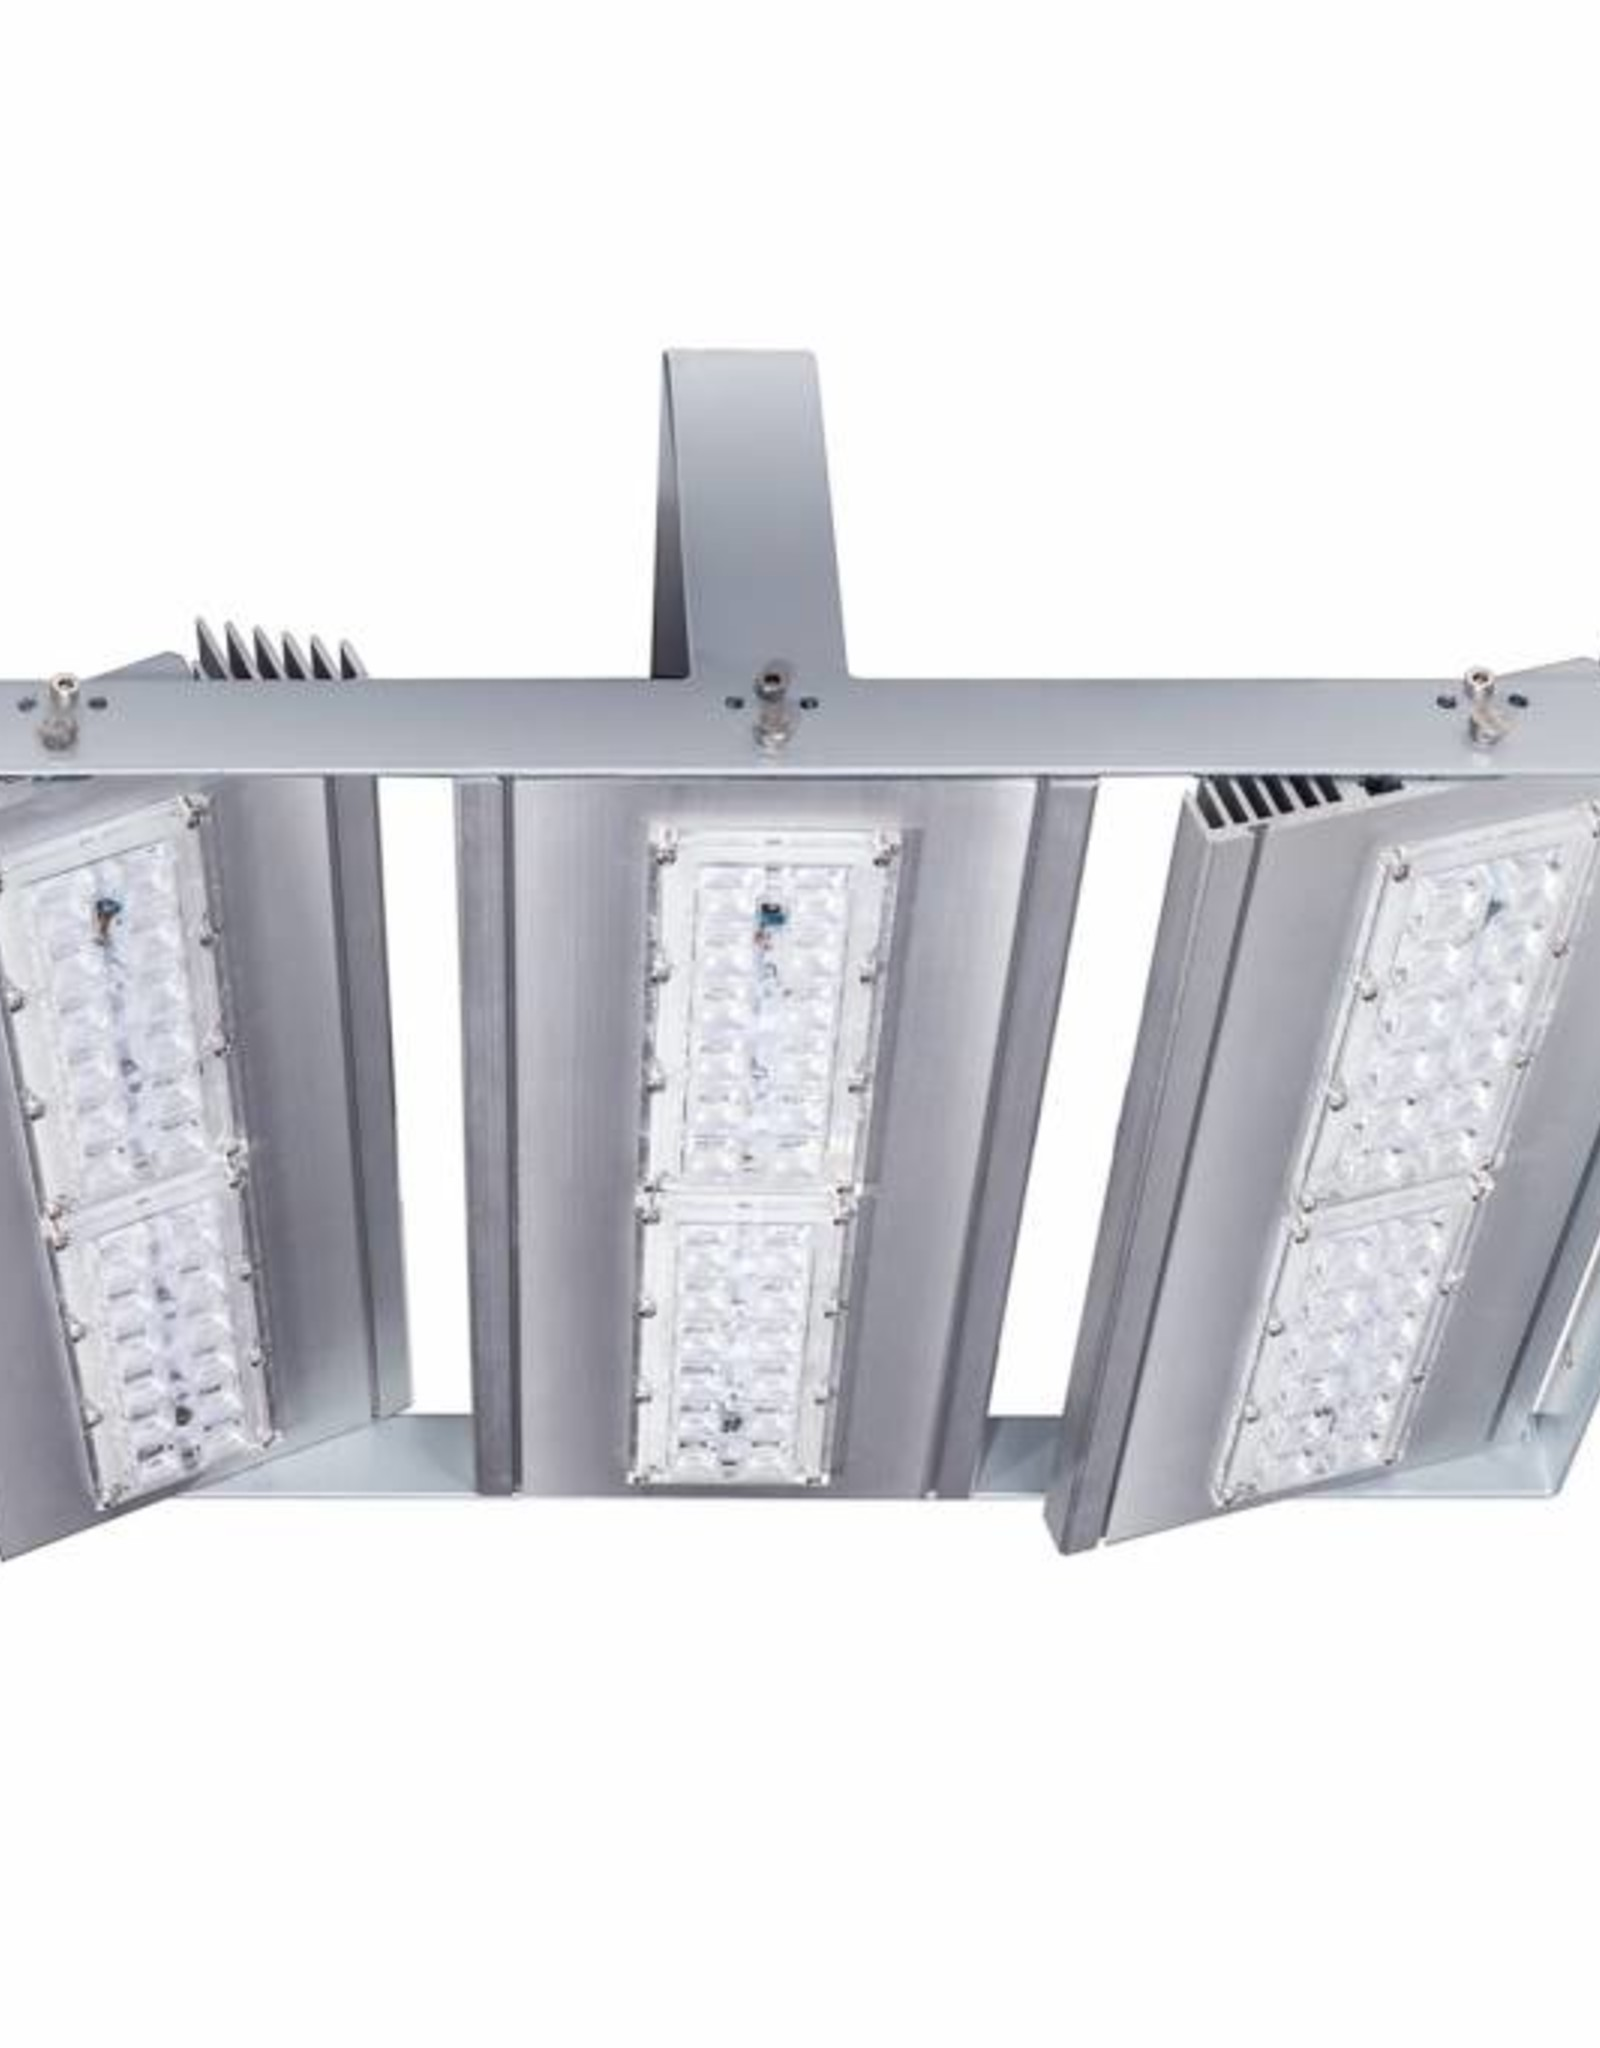 watts ON watts ON Powerflex 01 - 34411 lm